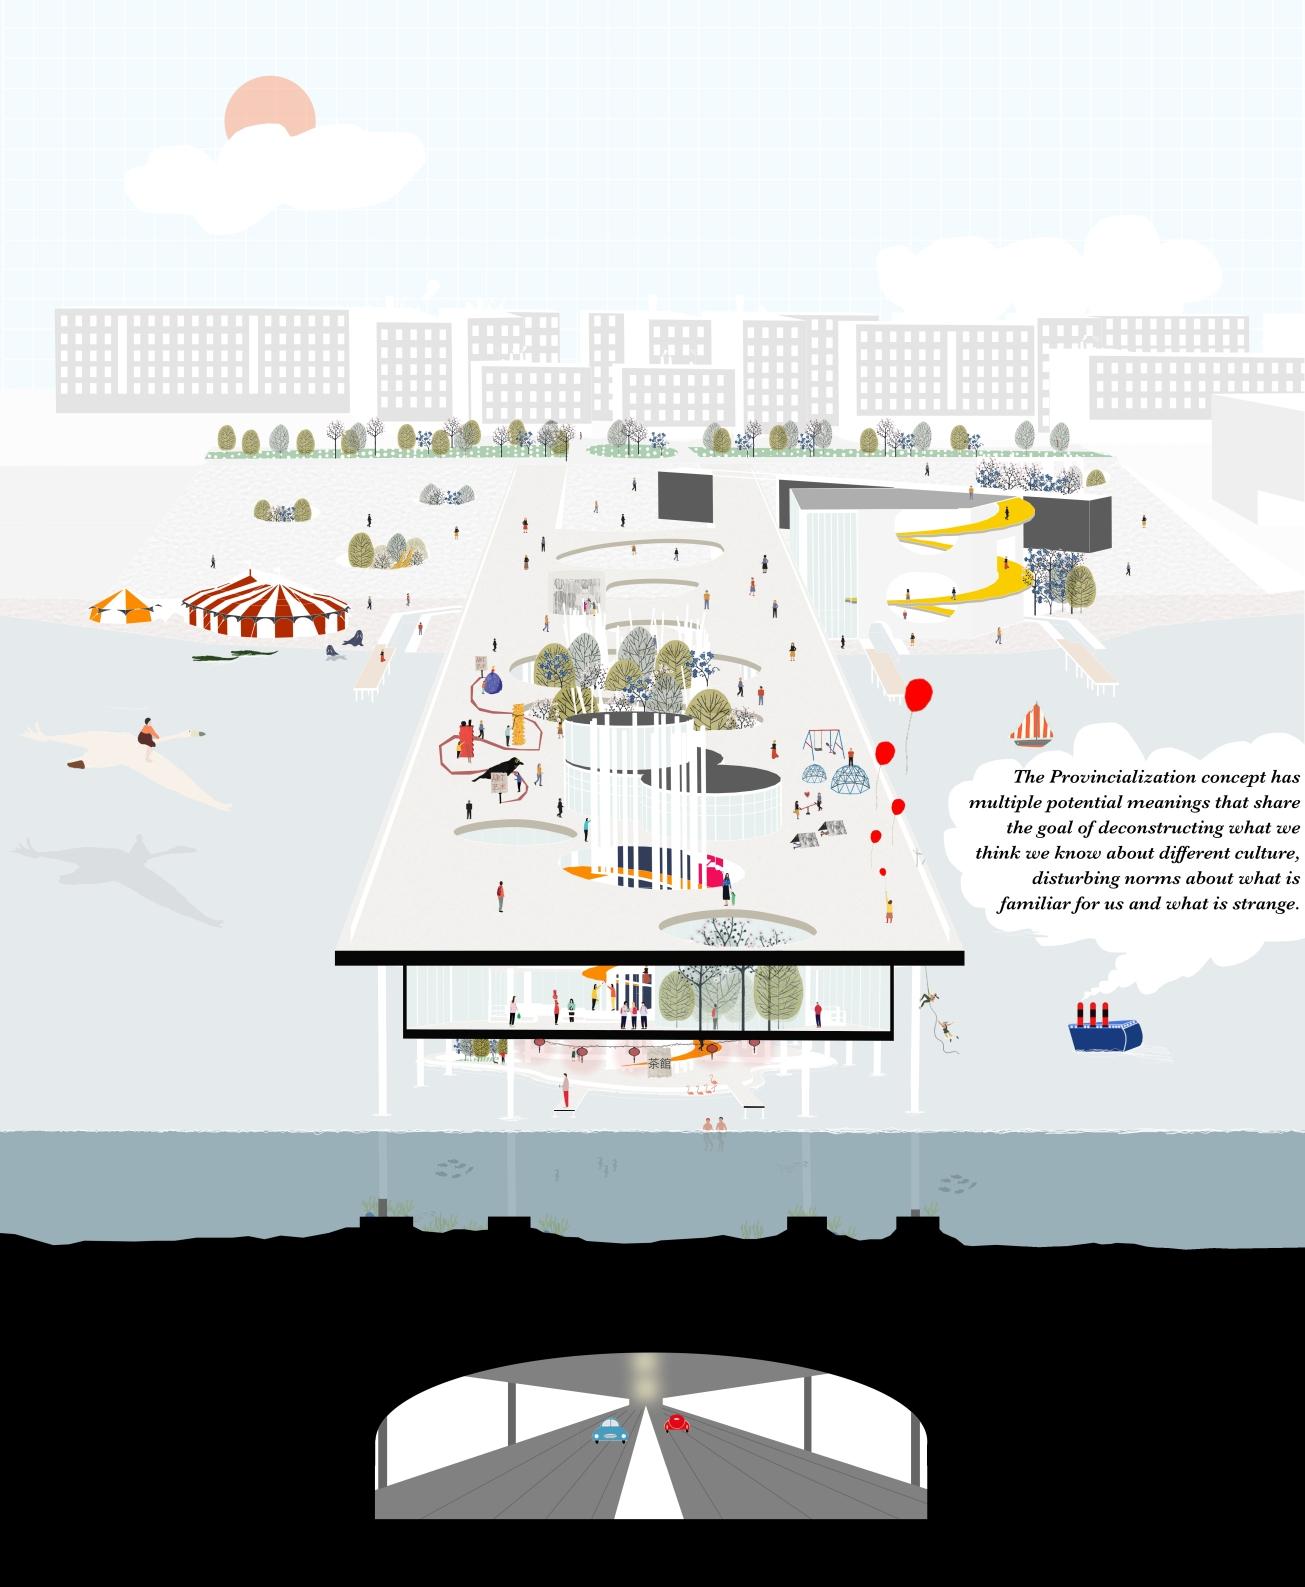 double-perspective-section-1-albertoluca-2015_2016-design-unit-architecture-and-urban-space-master-construction-city-politecnico-di-torino